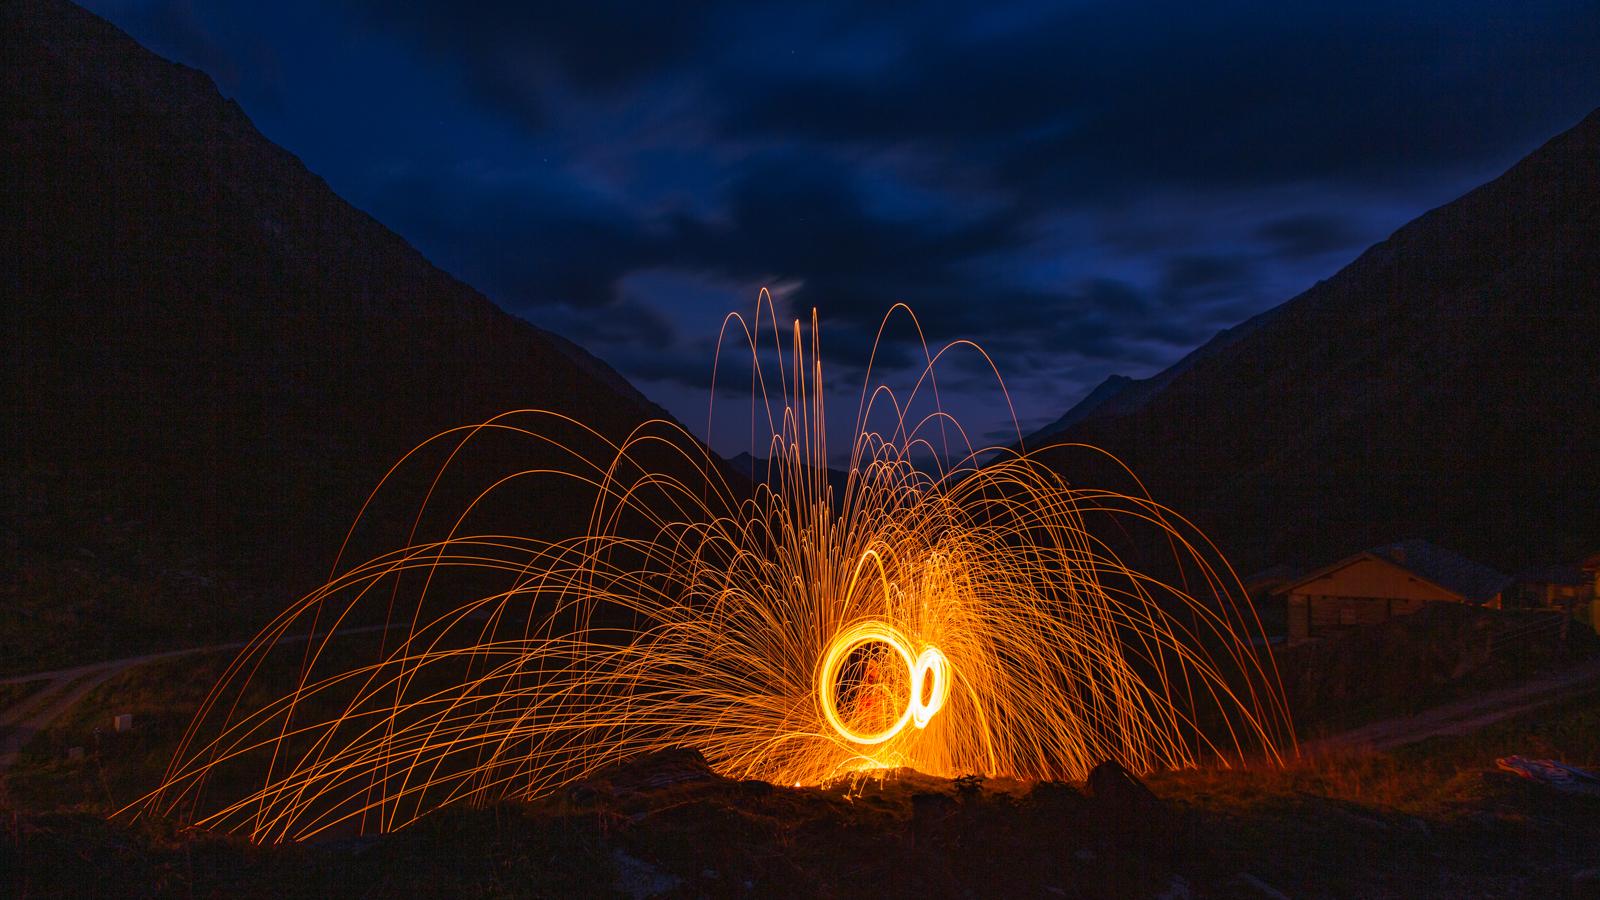 Feuerball.jpg